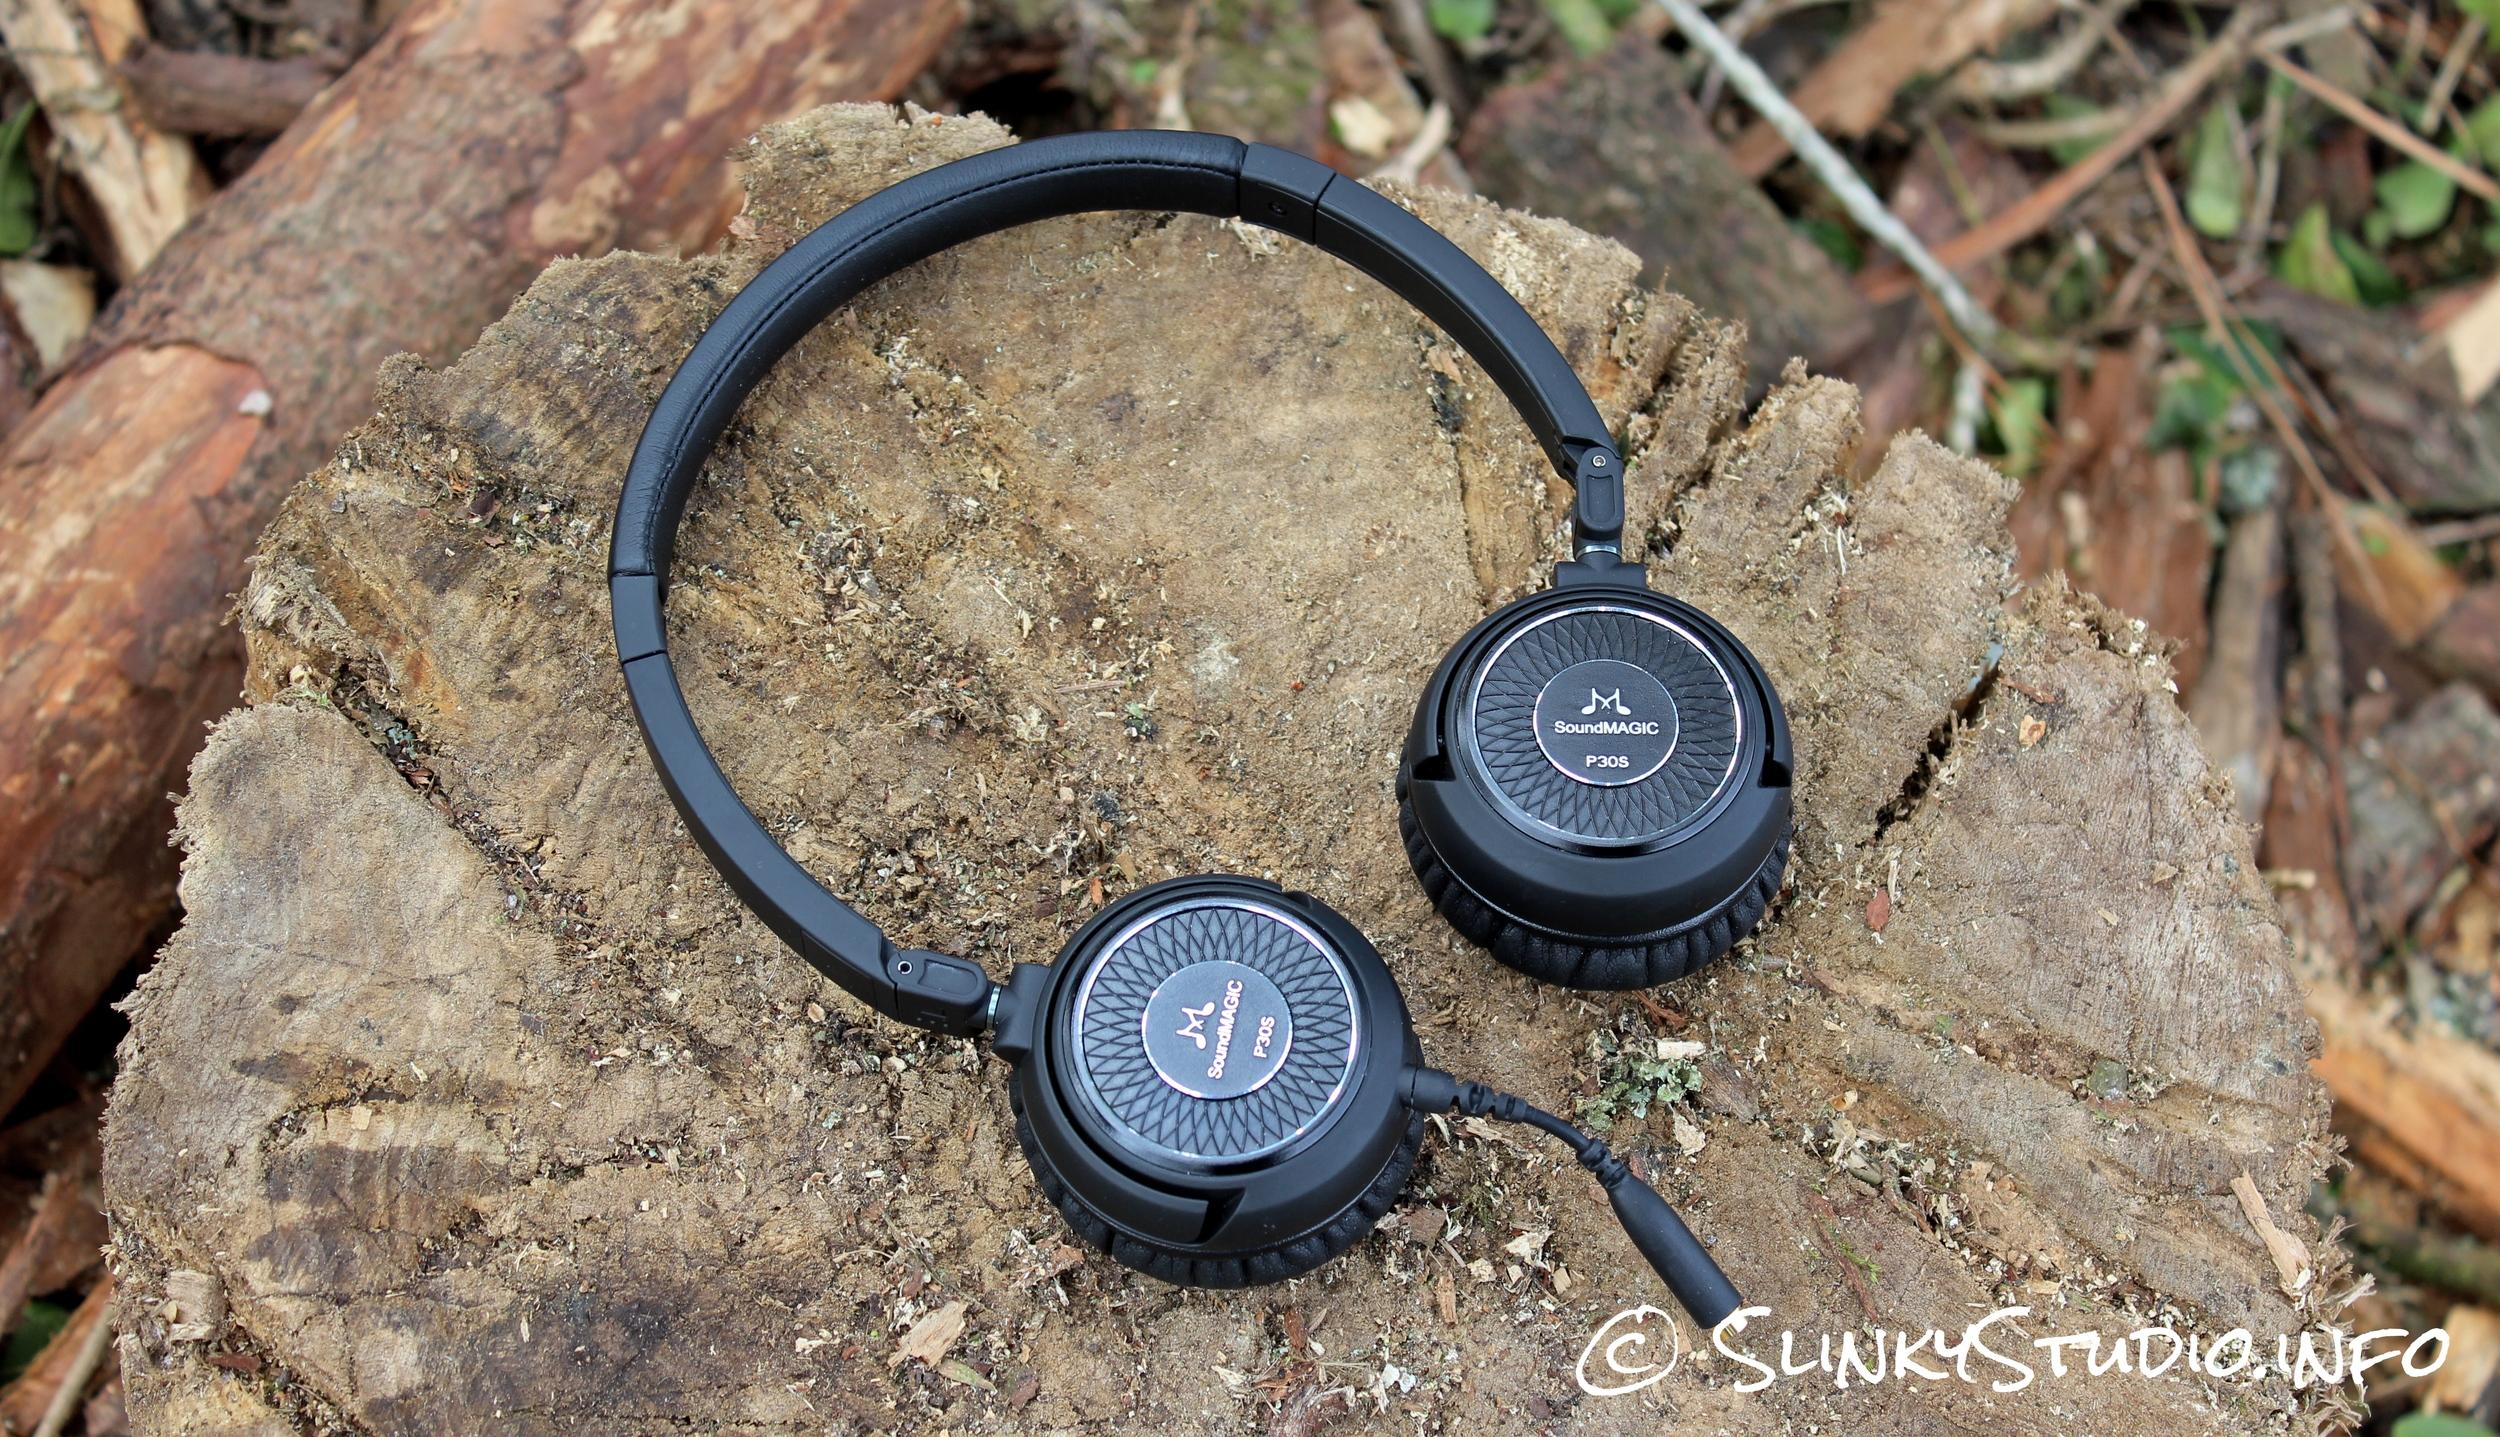 SoundMAGIC P30s Headphones Above View.jpg